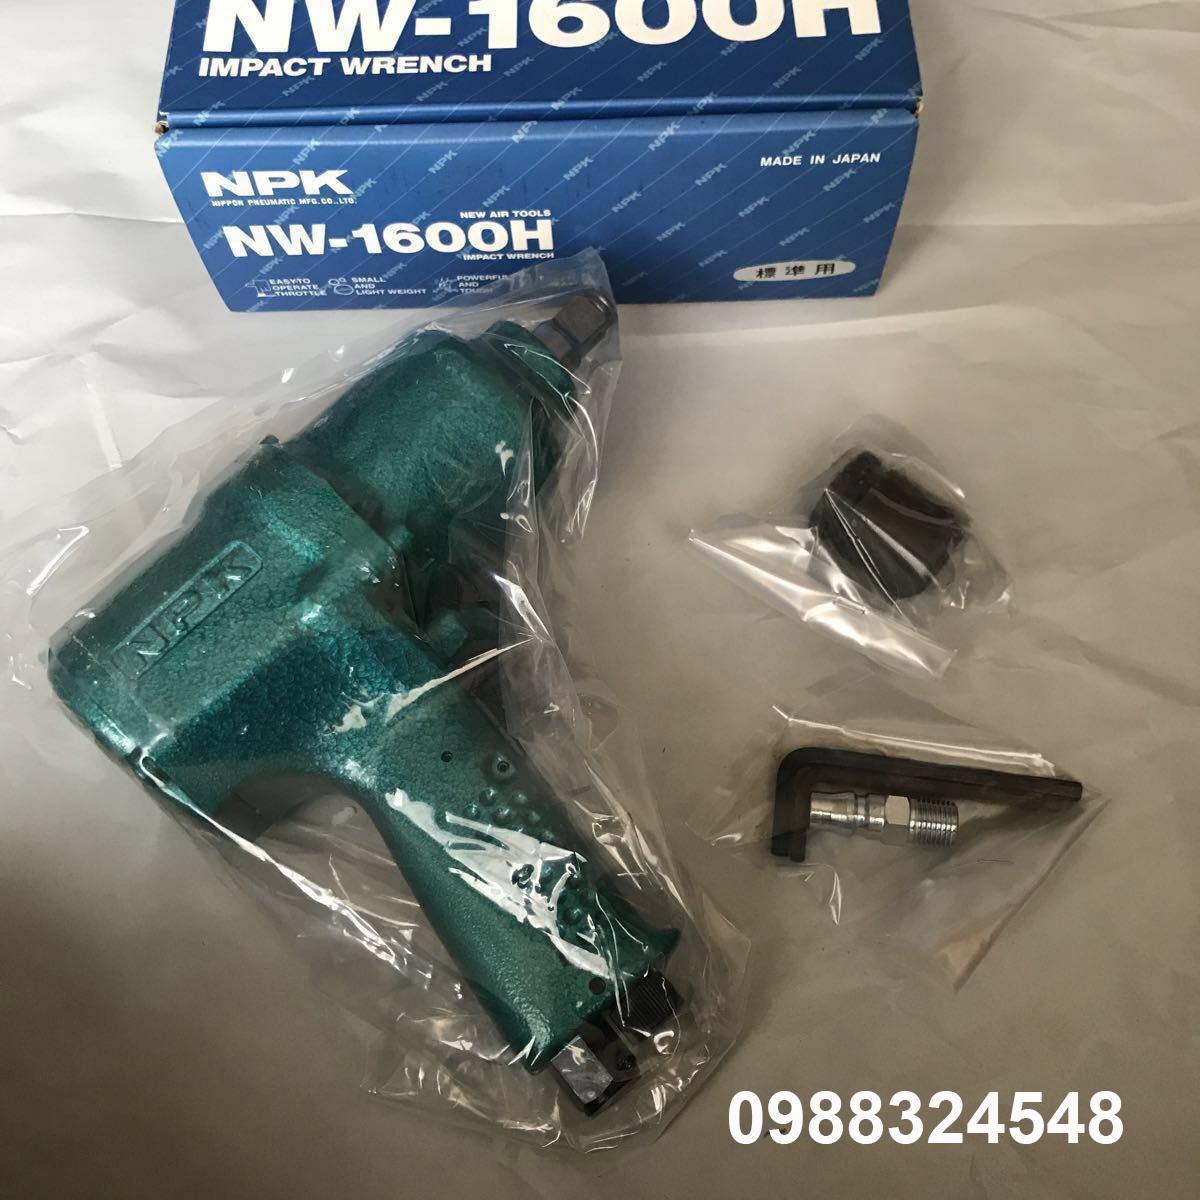 Súng vặn bulong NPK NW-1600H